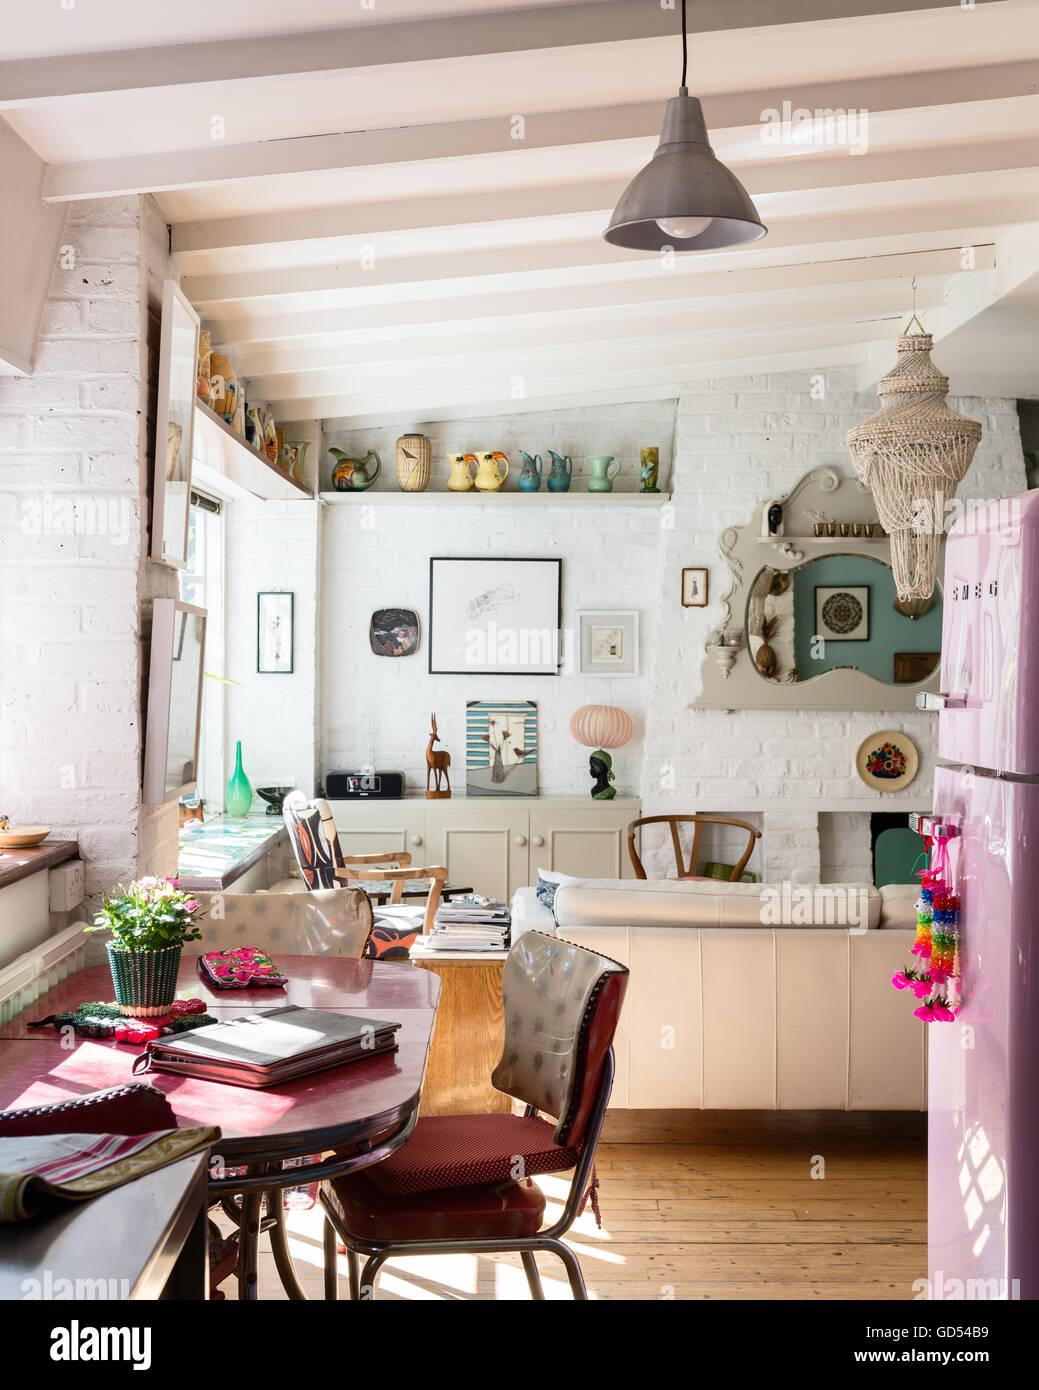 Open plan kitchen living area with retro pink Smeg fridge Stock ...